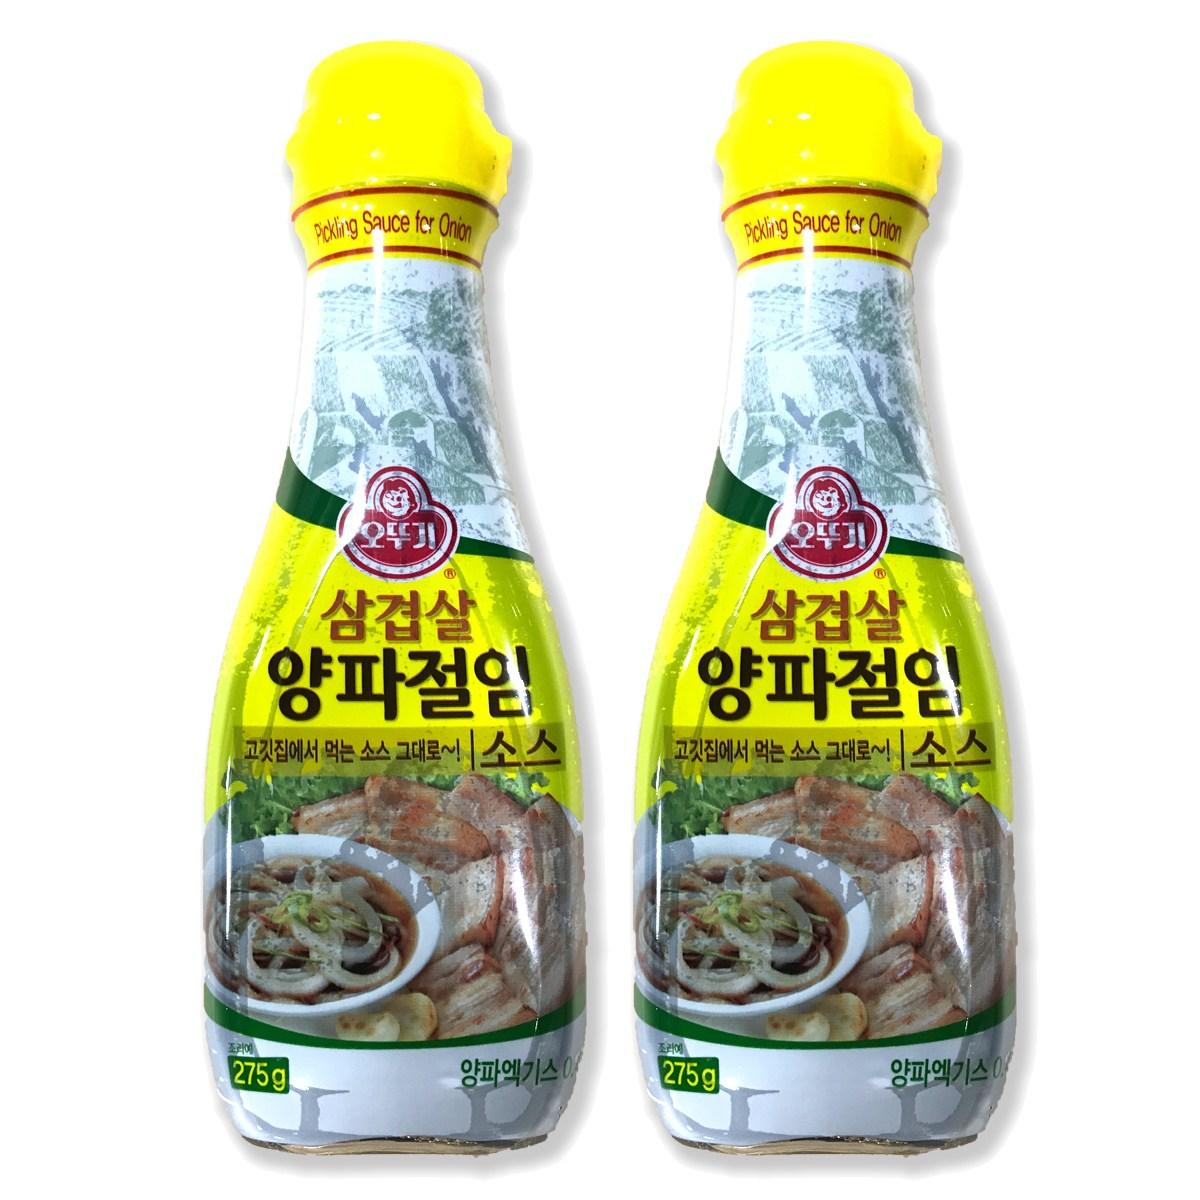 오뚜기 삼겹살 양파 절임 소스, 275g, 2개